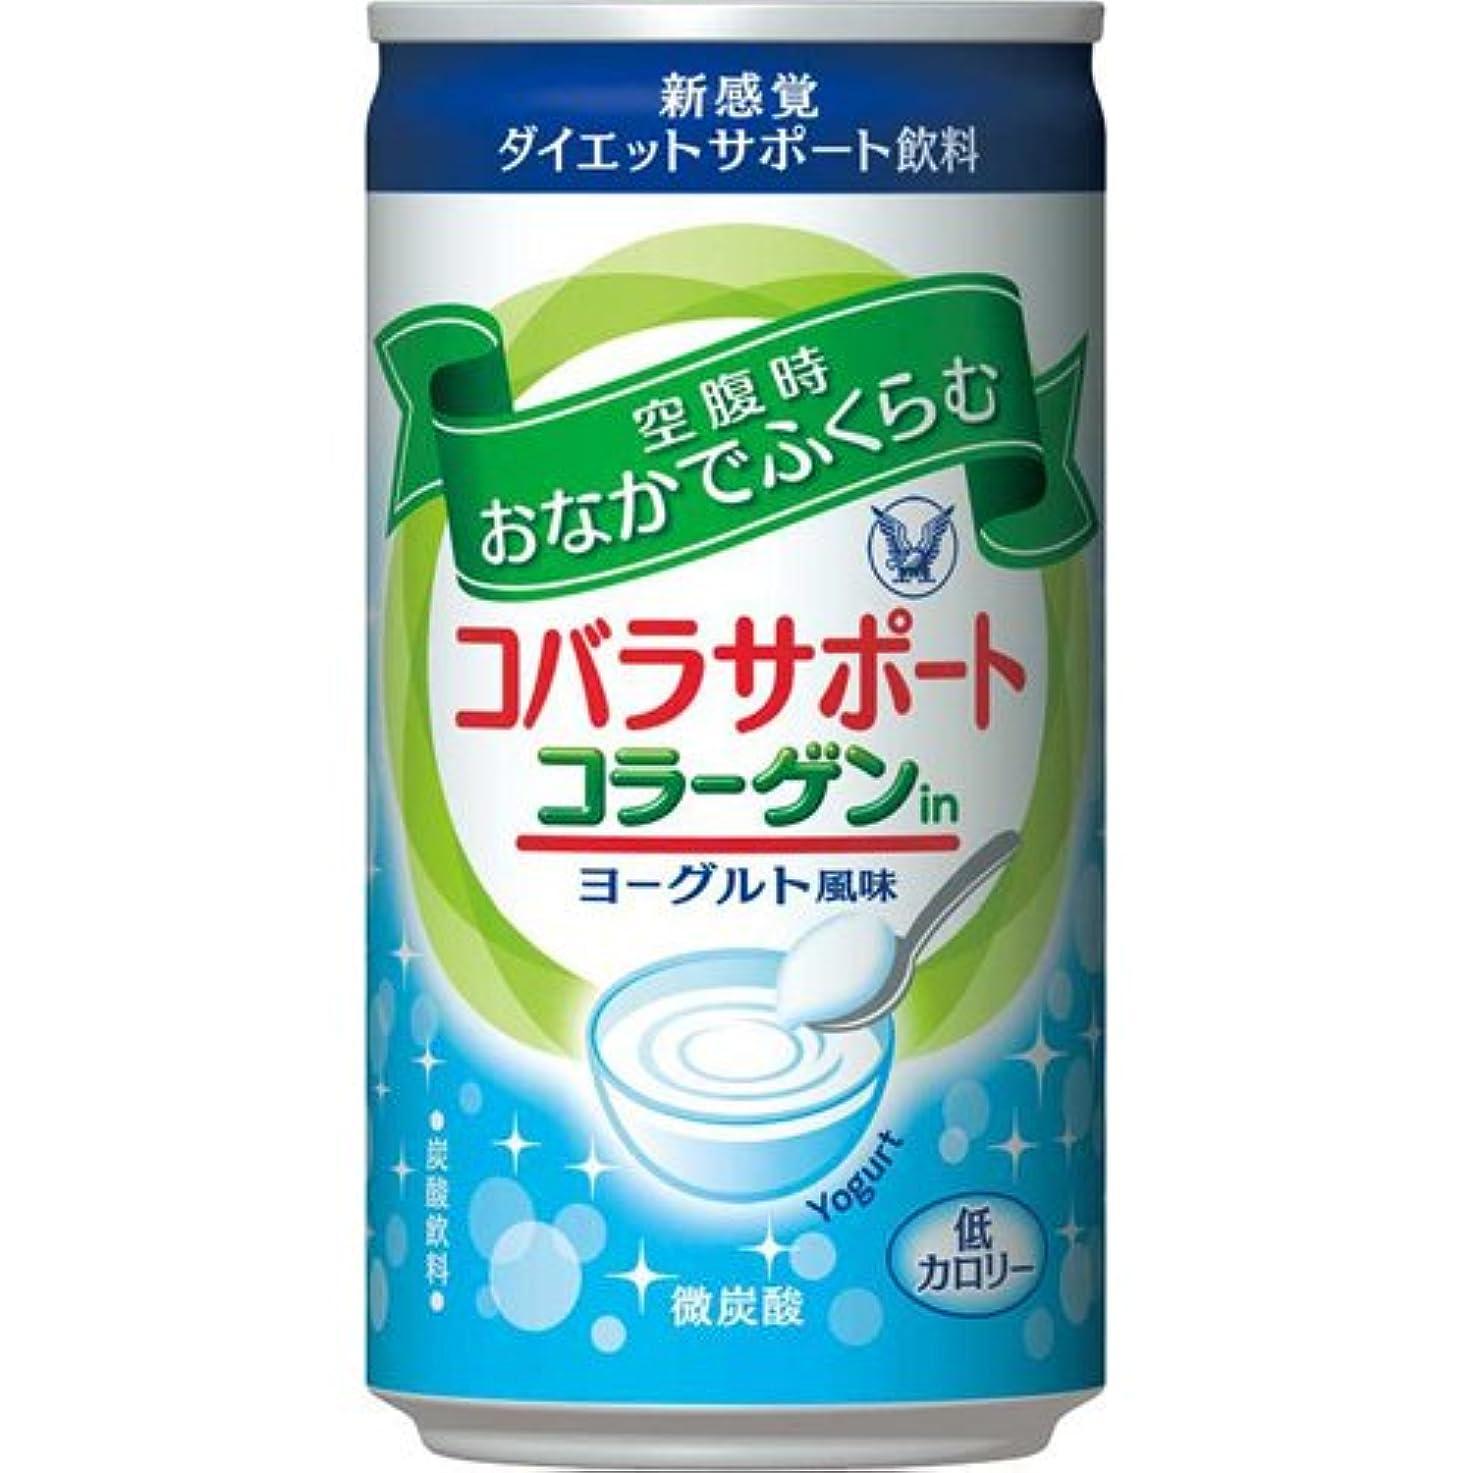 防止巡礼者メタン大正製薬 コバラサポート コラーゲンinヨーグルト風味 1缶